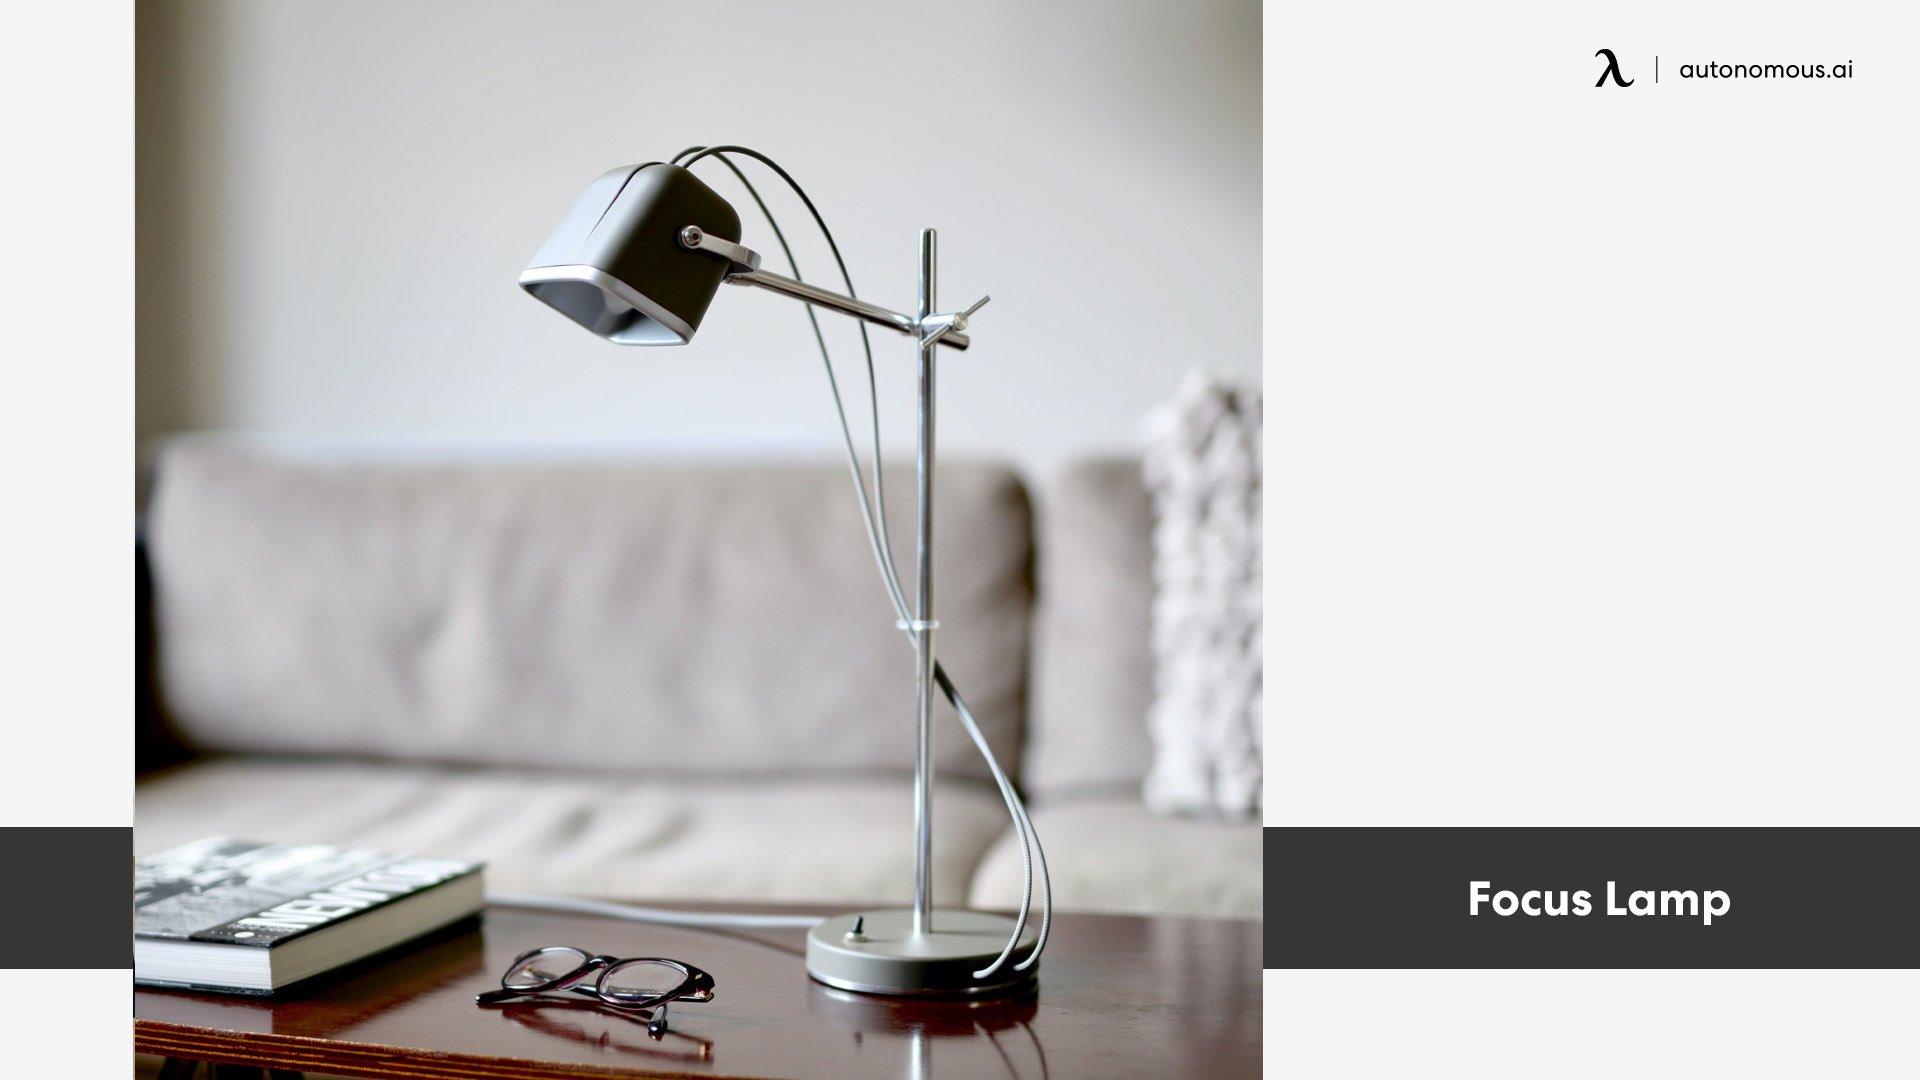 Photo of focus lamp